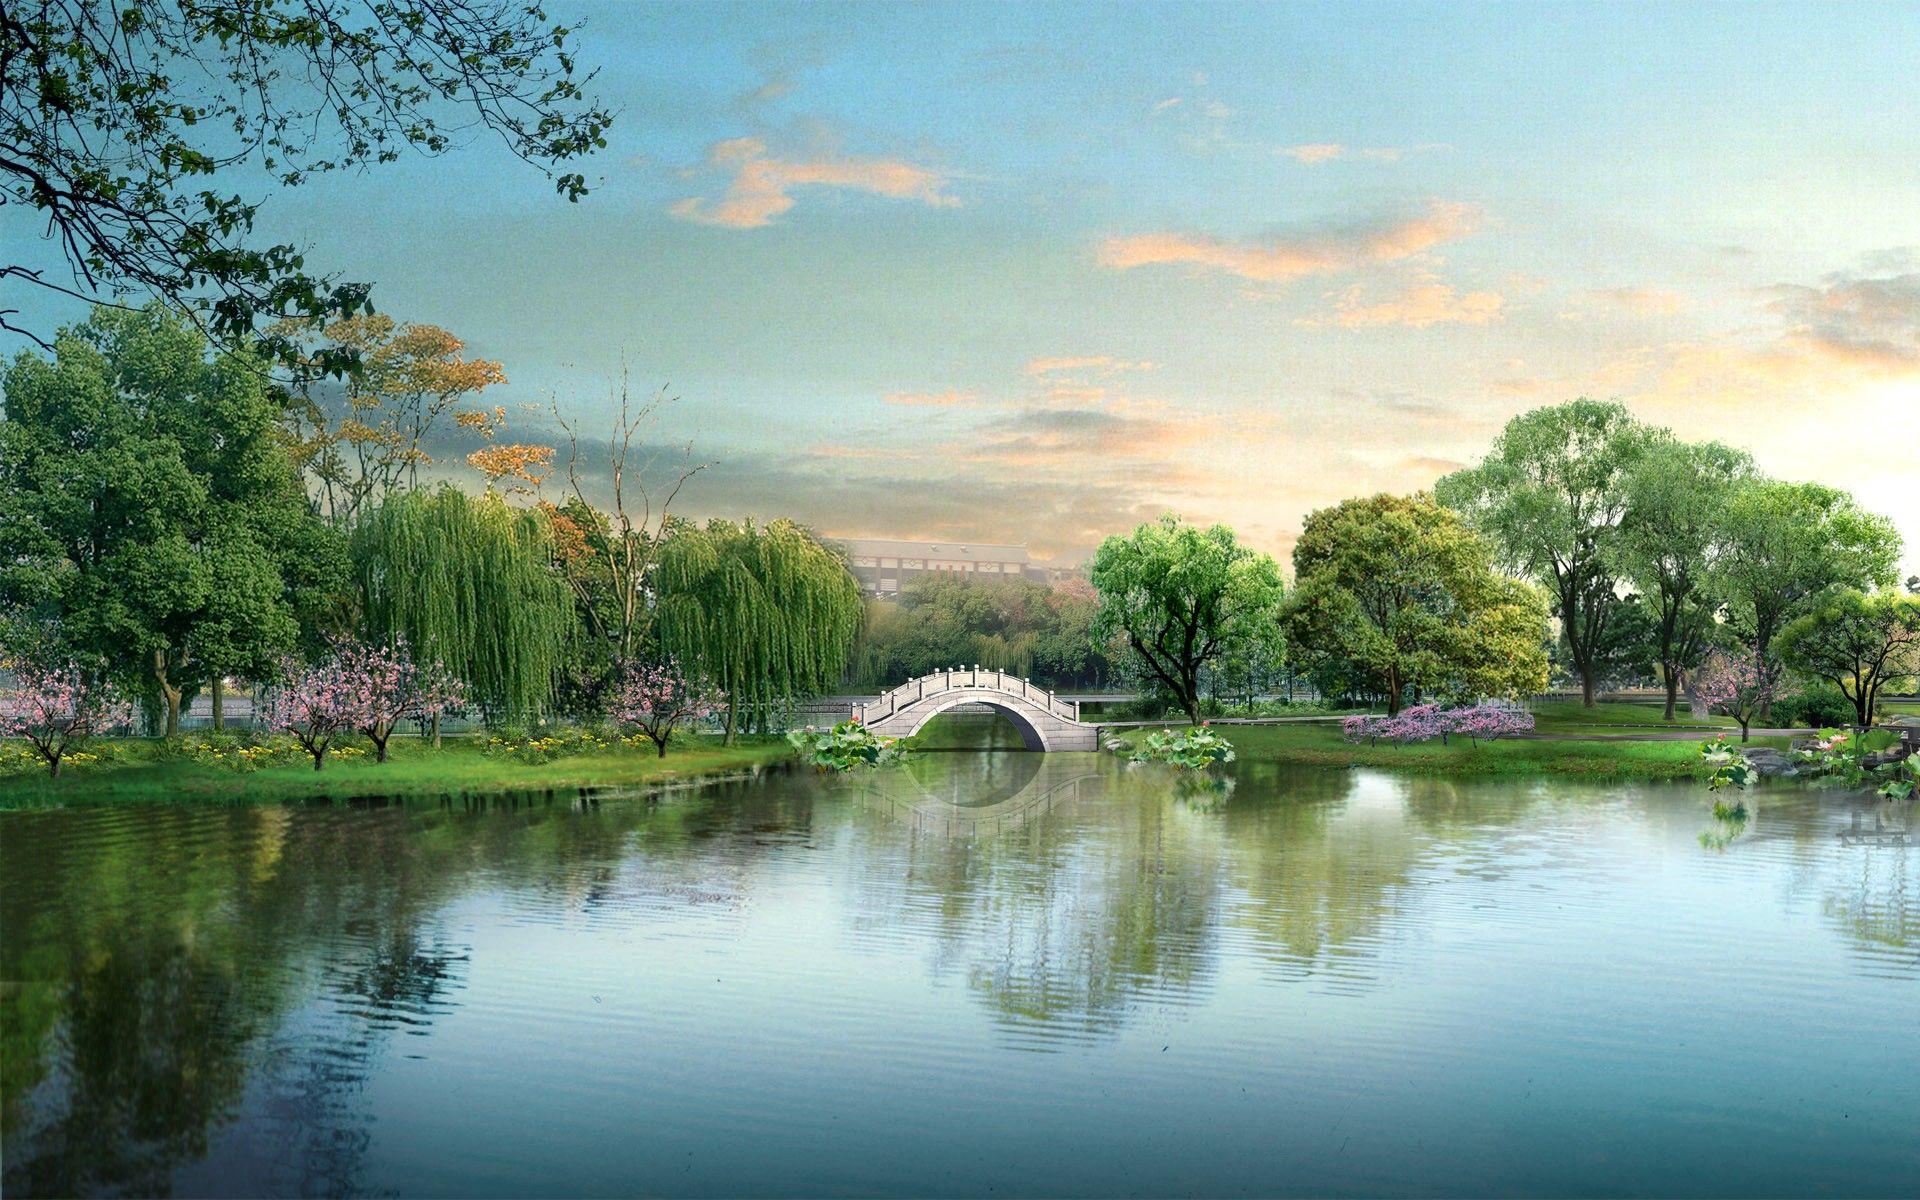 Giappone paesaggi hd cerca con google giardini for Wallpaper hd paesaggi